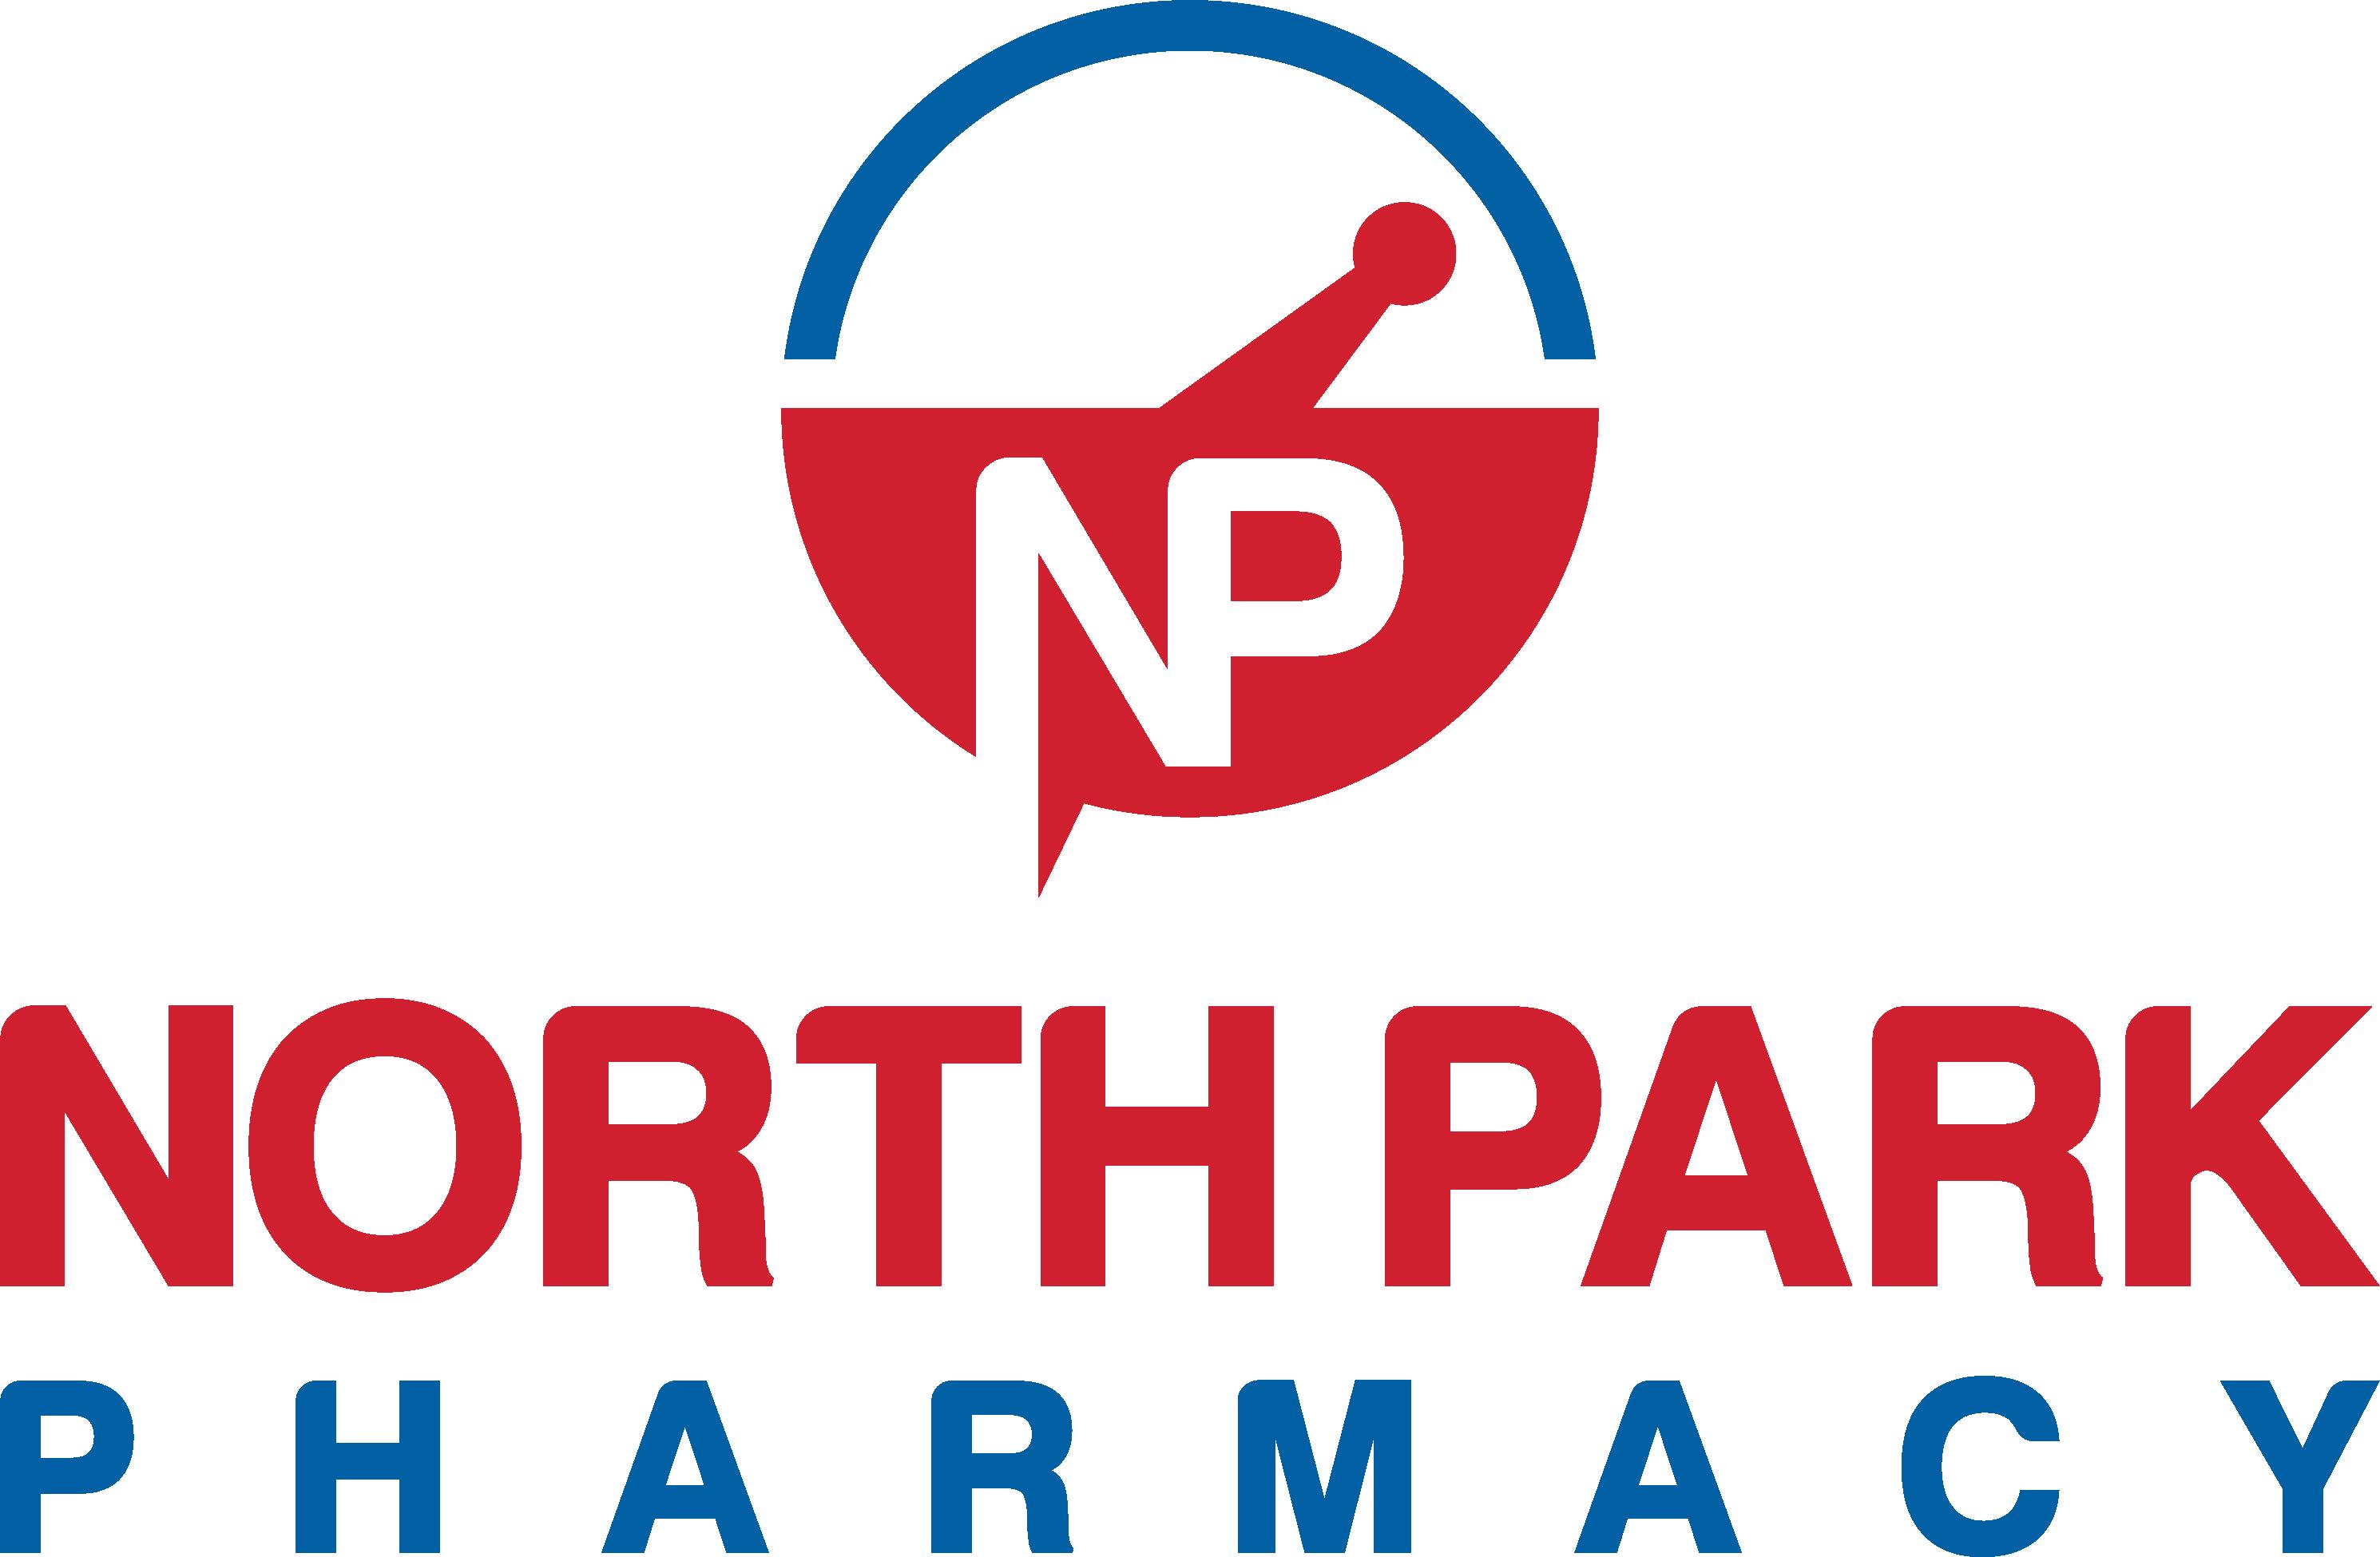 RI - North Park Pharmacy